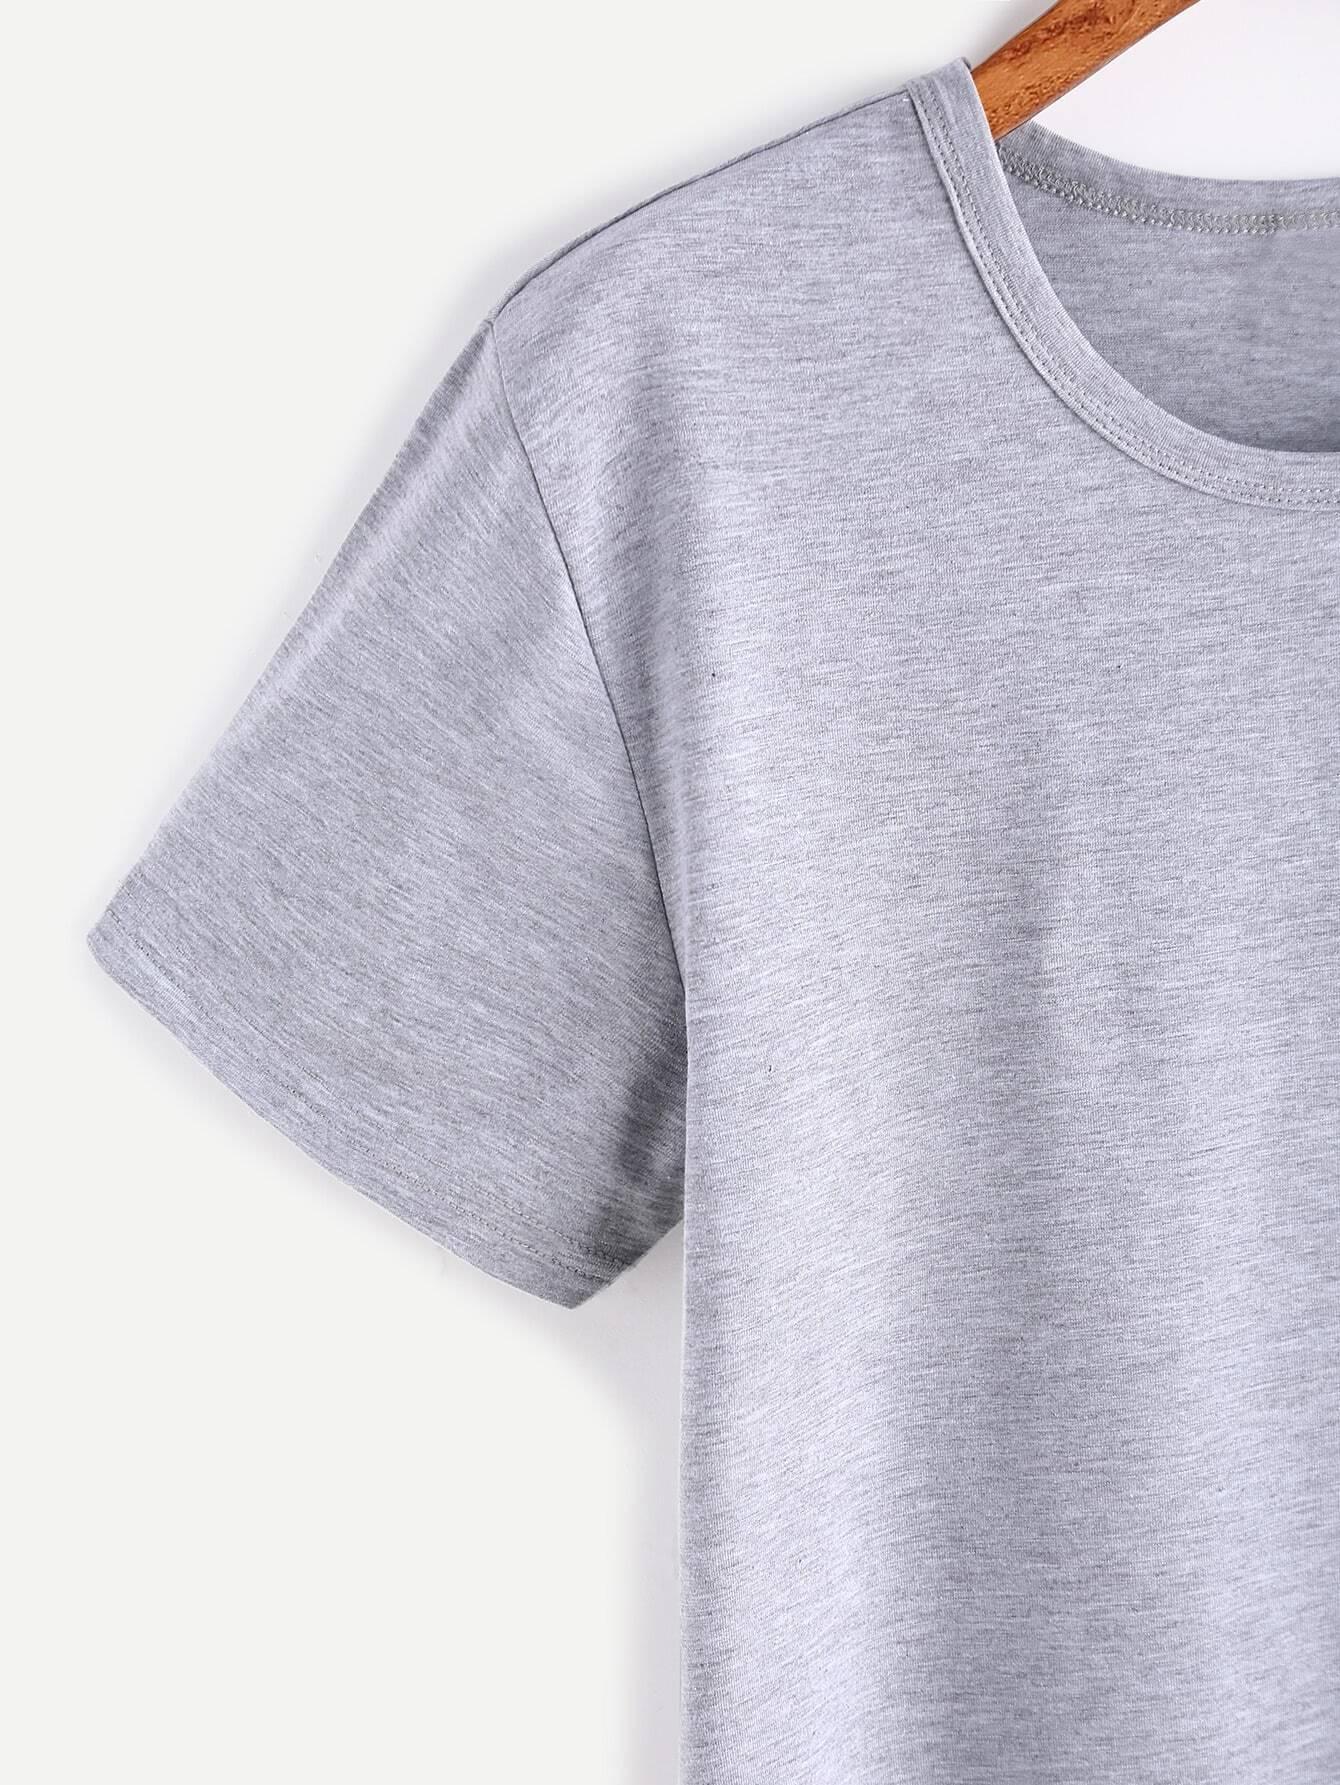 Heather Grey Elephant Print T-shirt